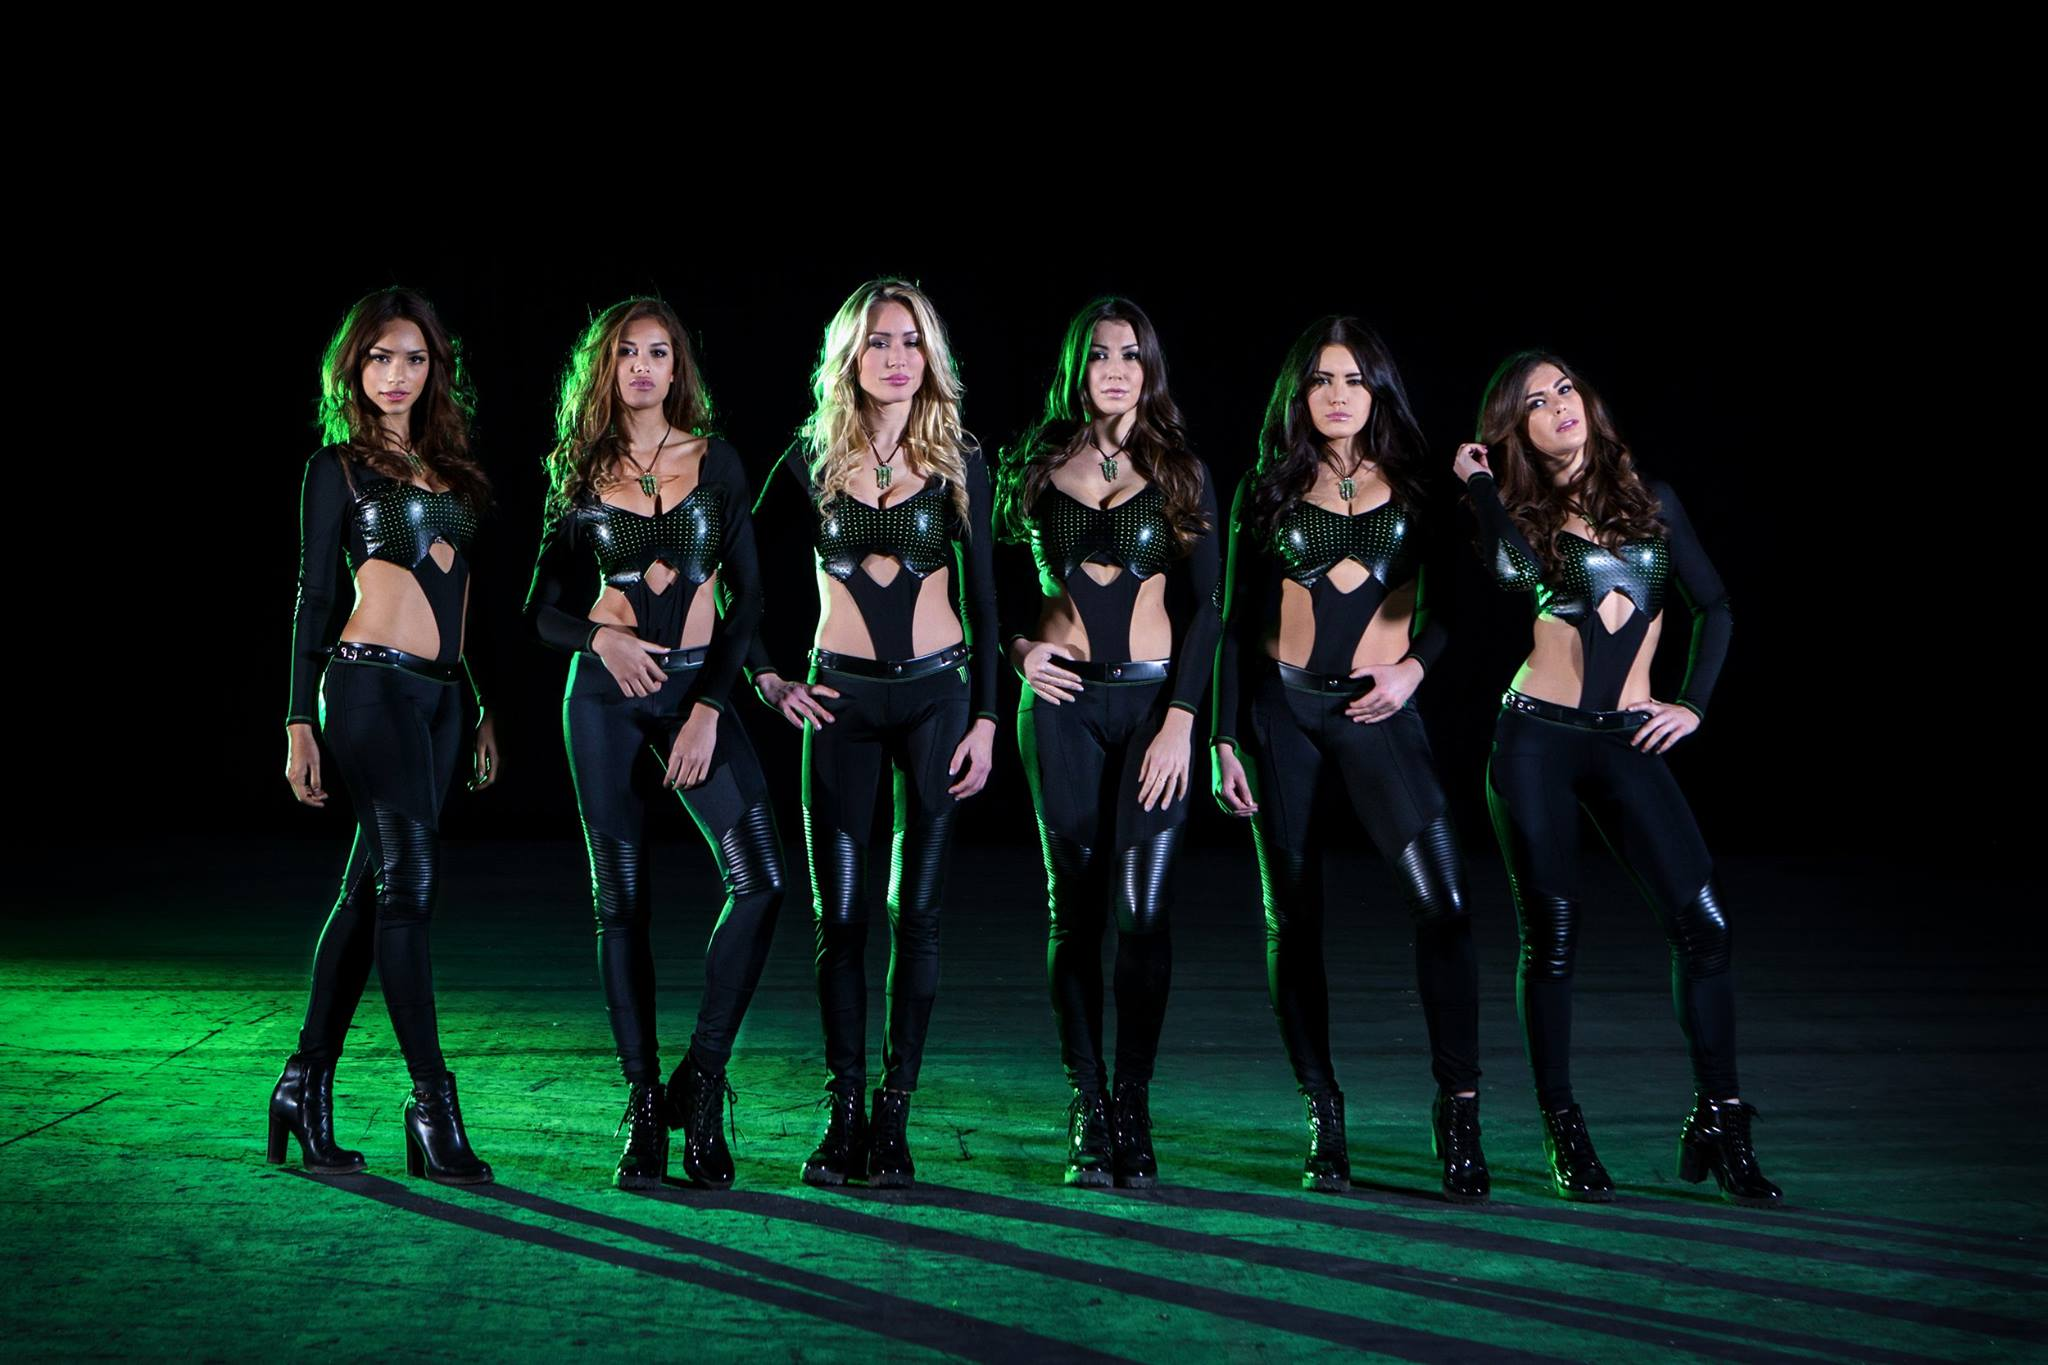 Dc Shoes Sponsors Monster Energy Supercross For 2011